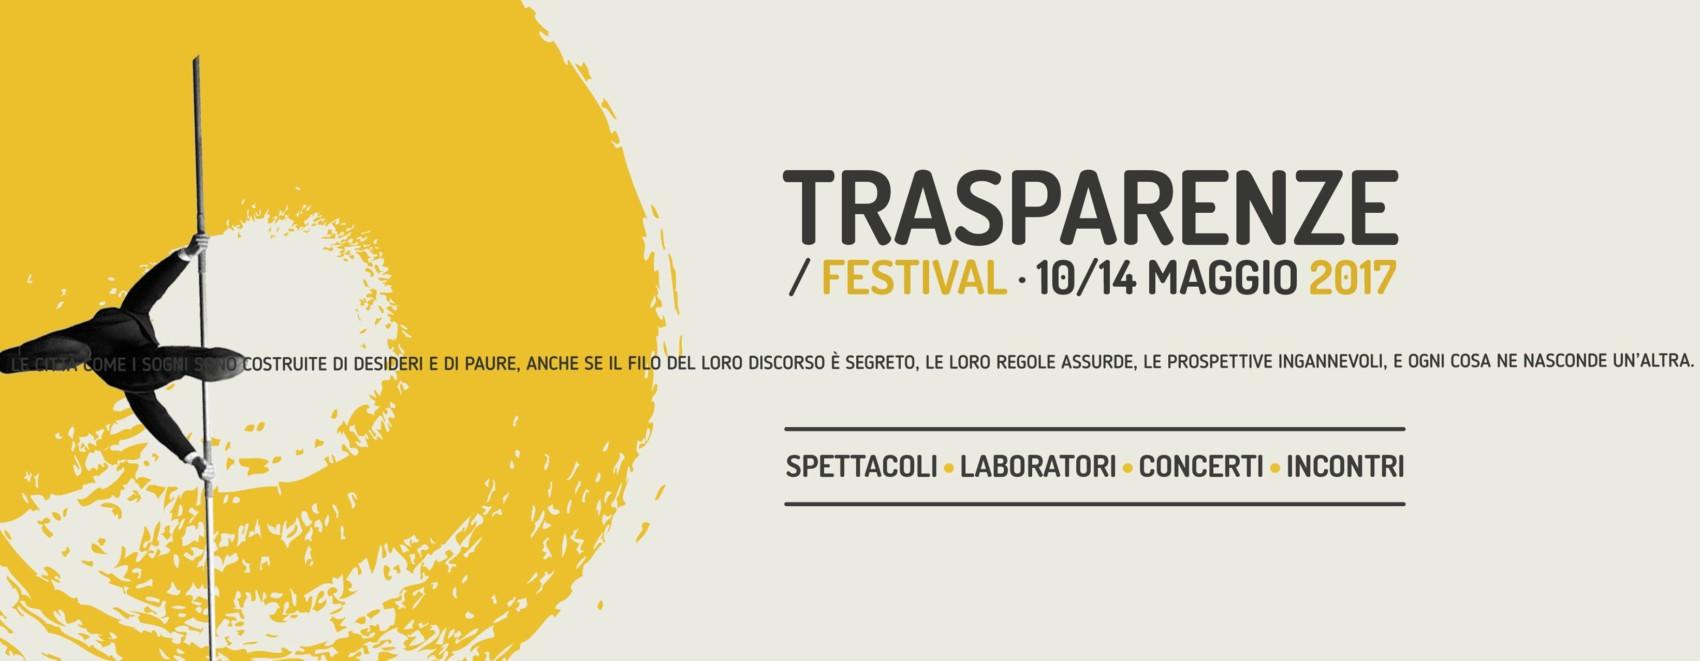 Trasparenze Festival 2017